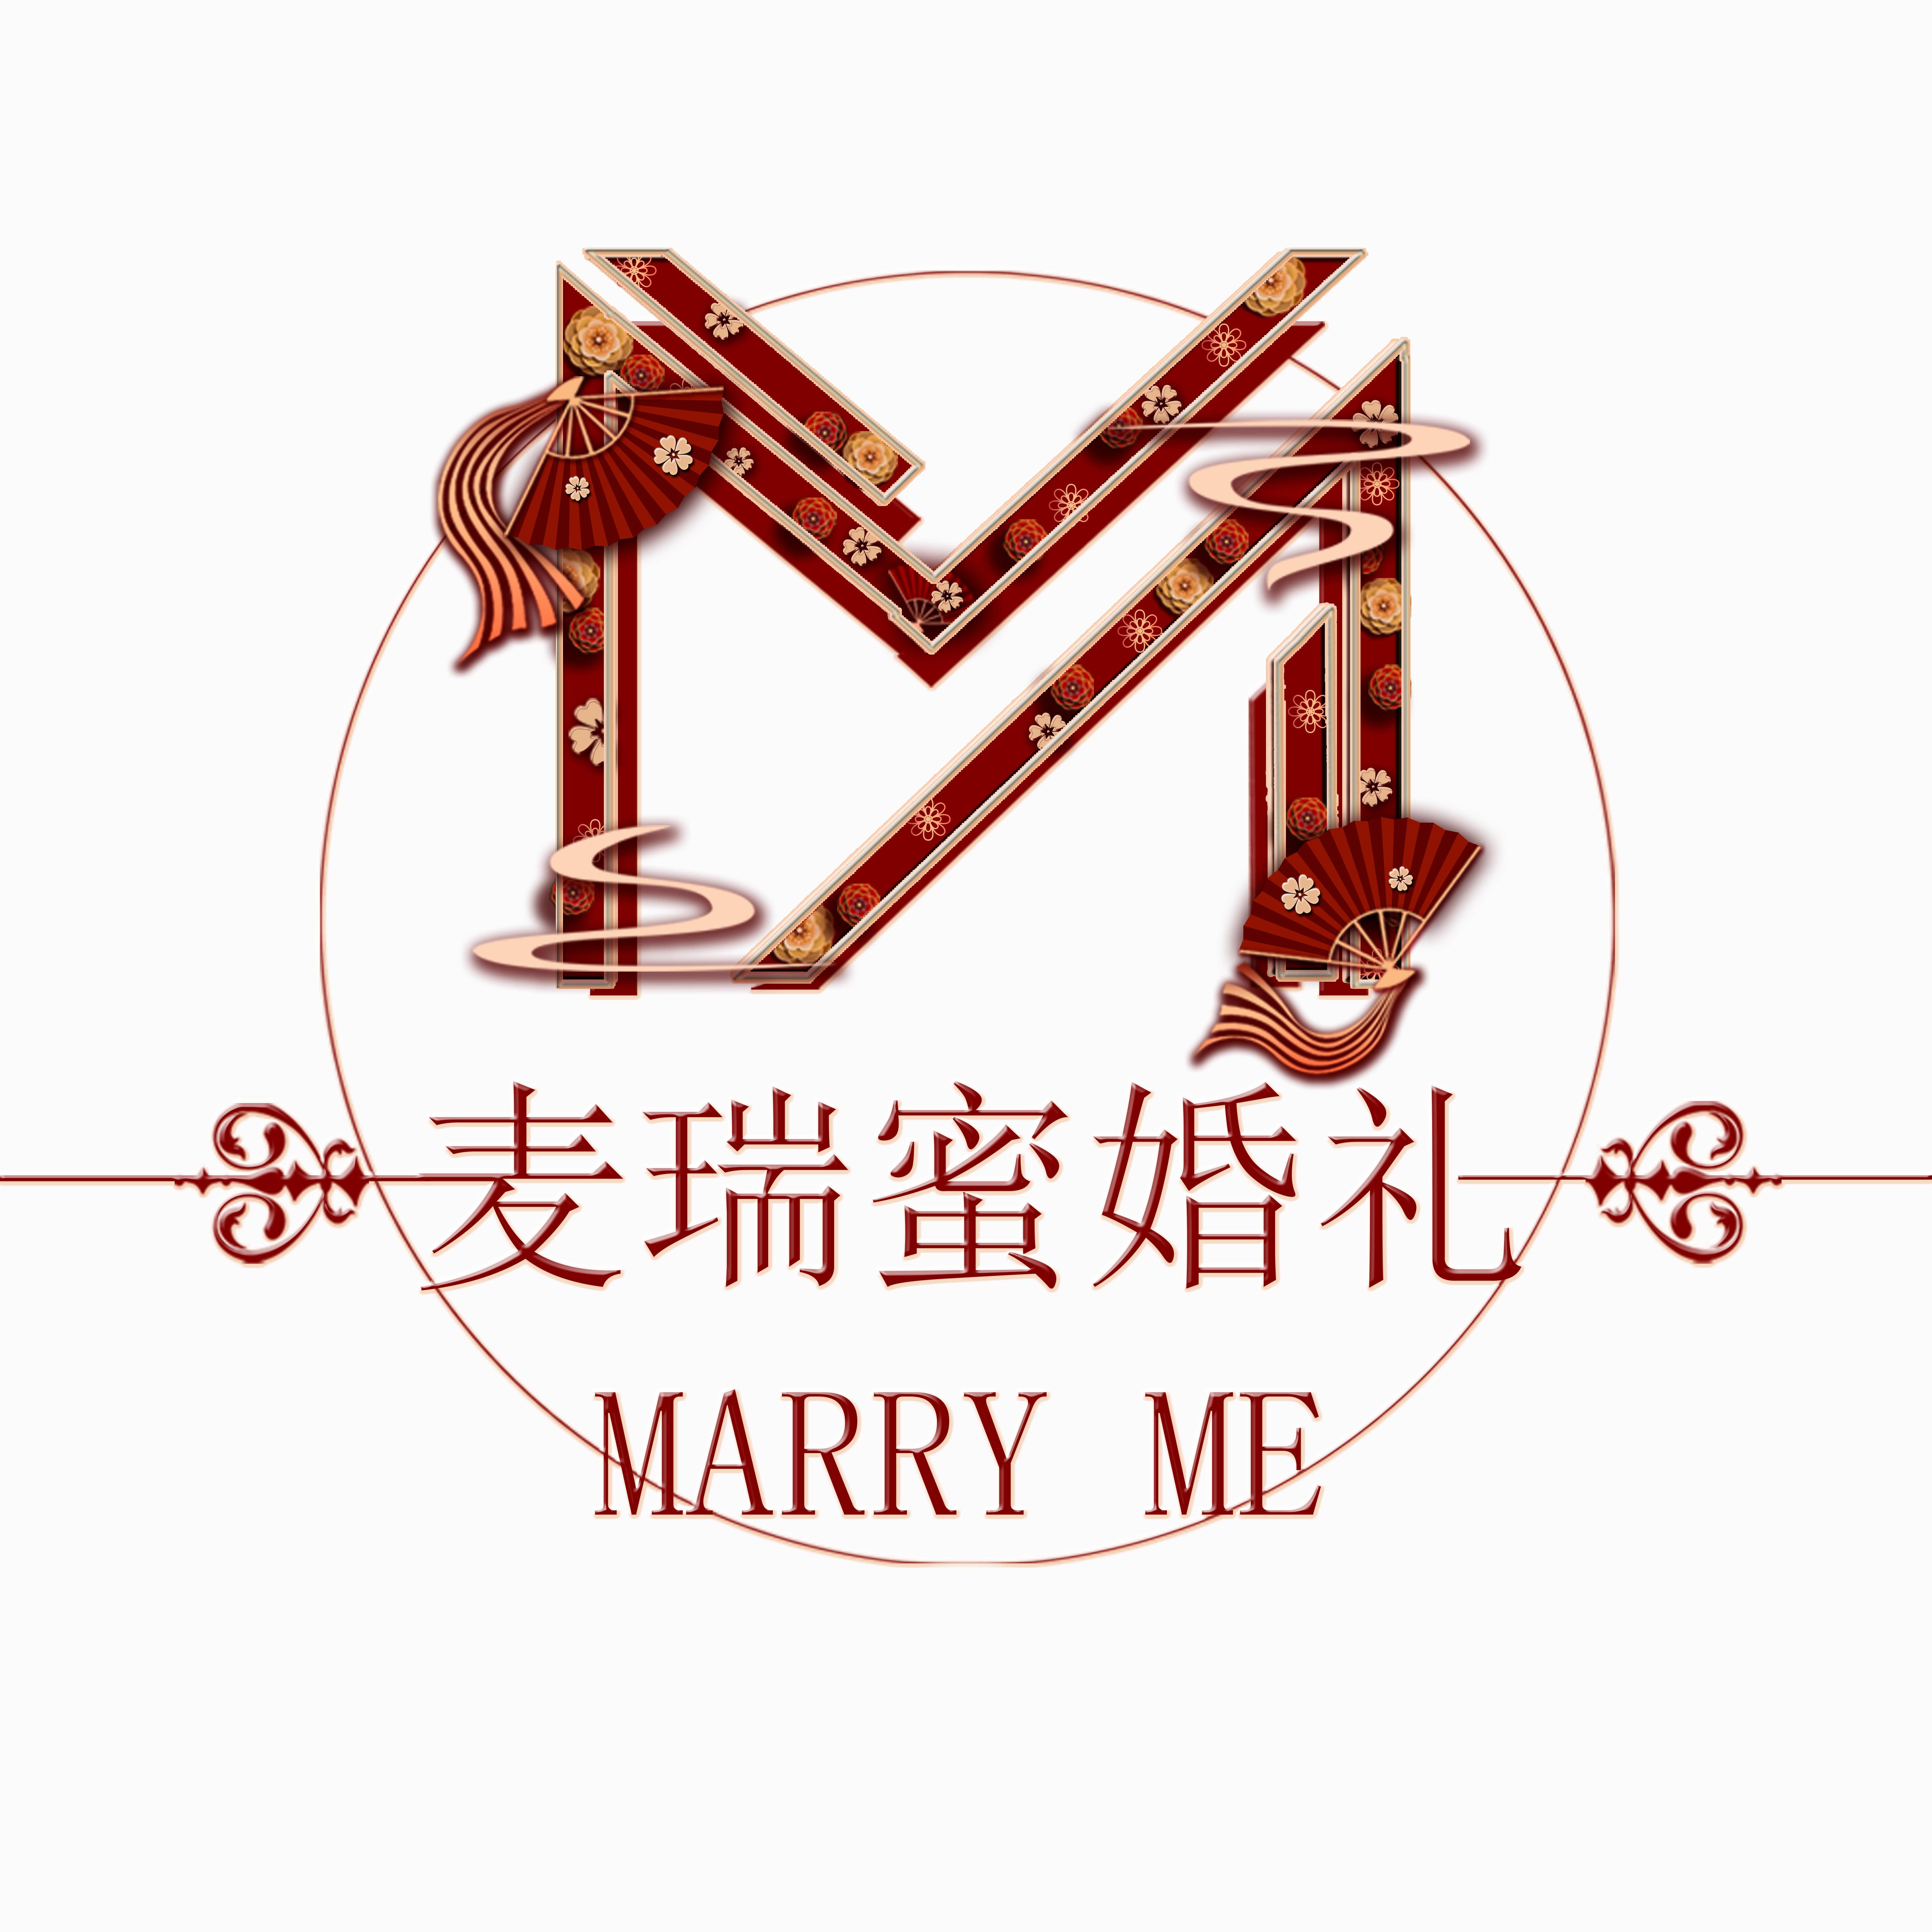 麦瑞蜜婚礼策划